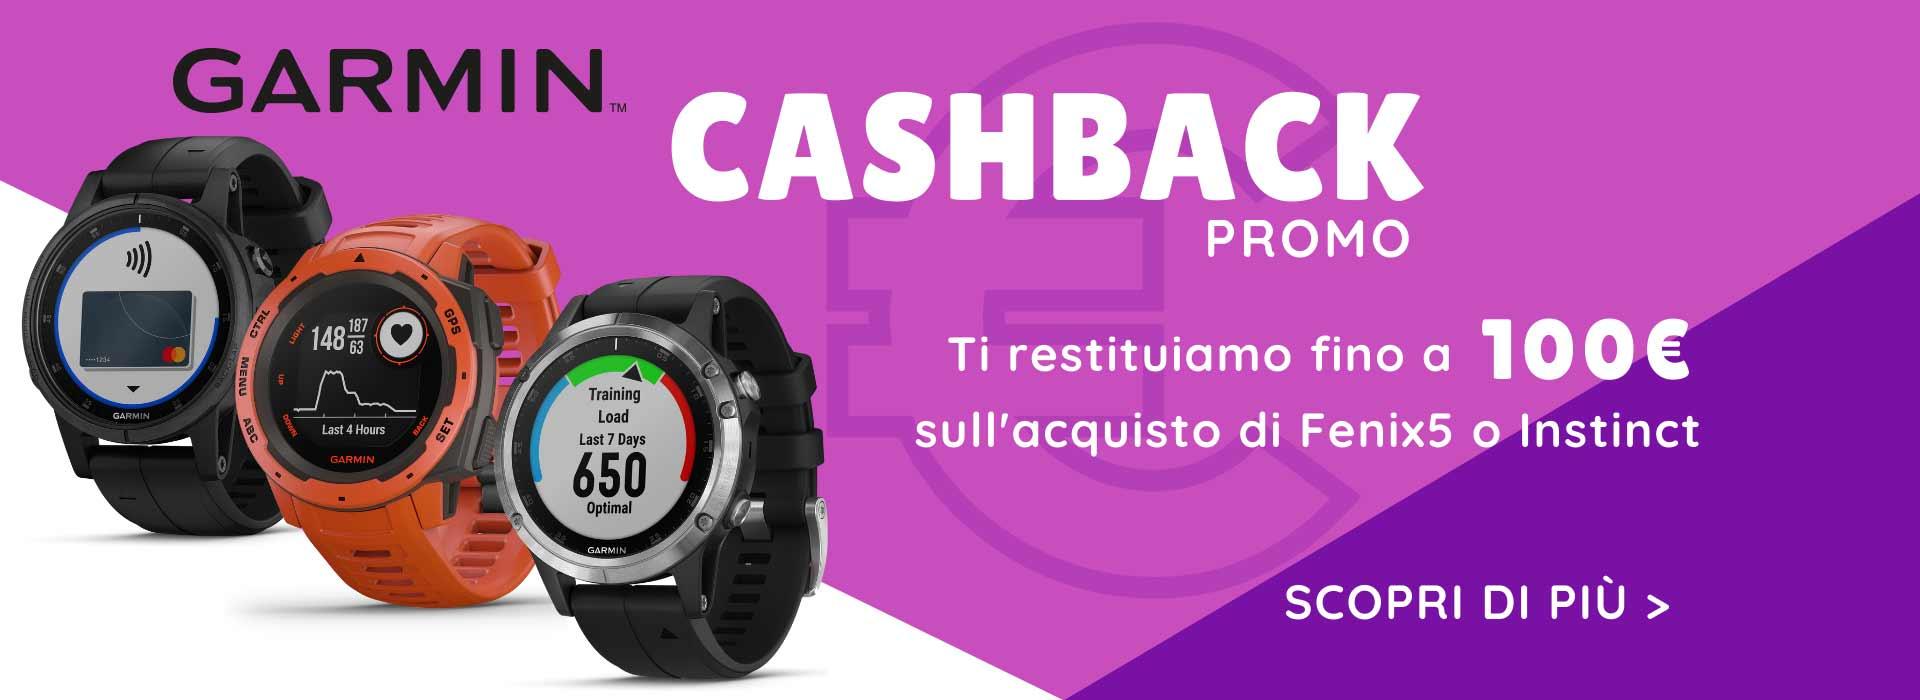 CASHBACK GARMIN: ti restituiamo fino a 100 € sull'acquisto di fenix 5 o Instinct!